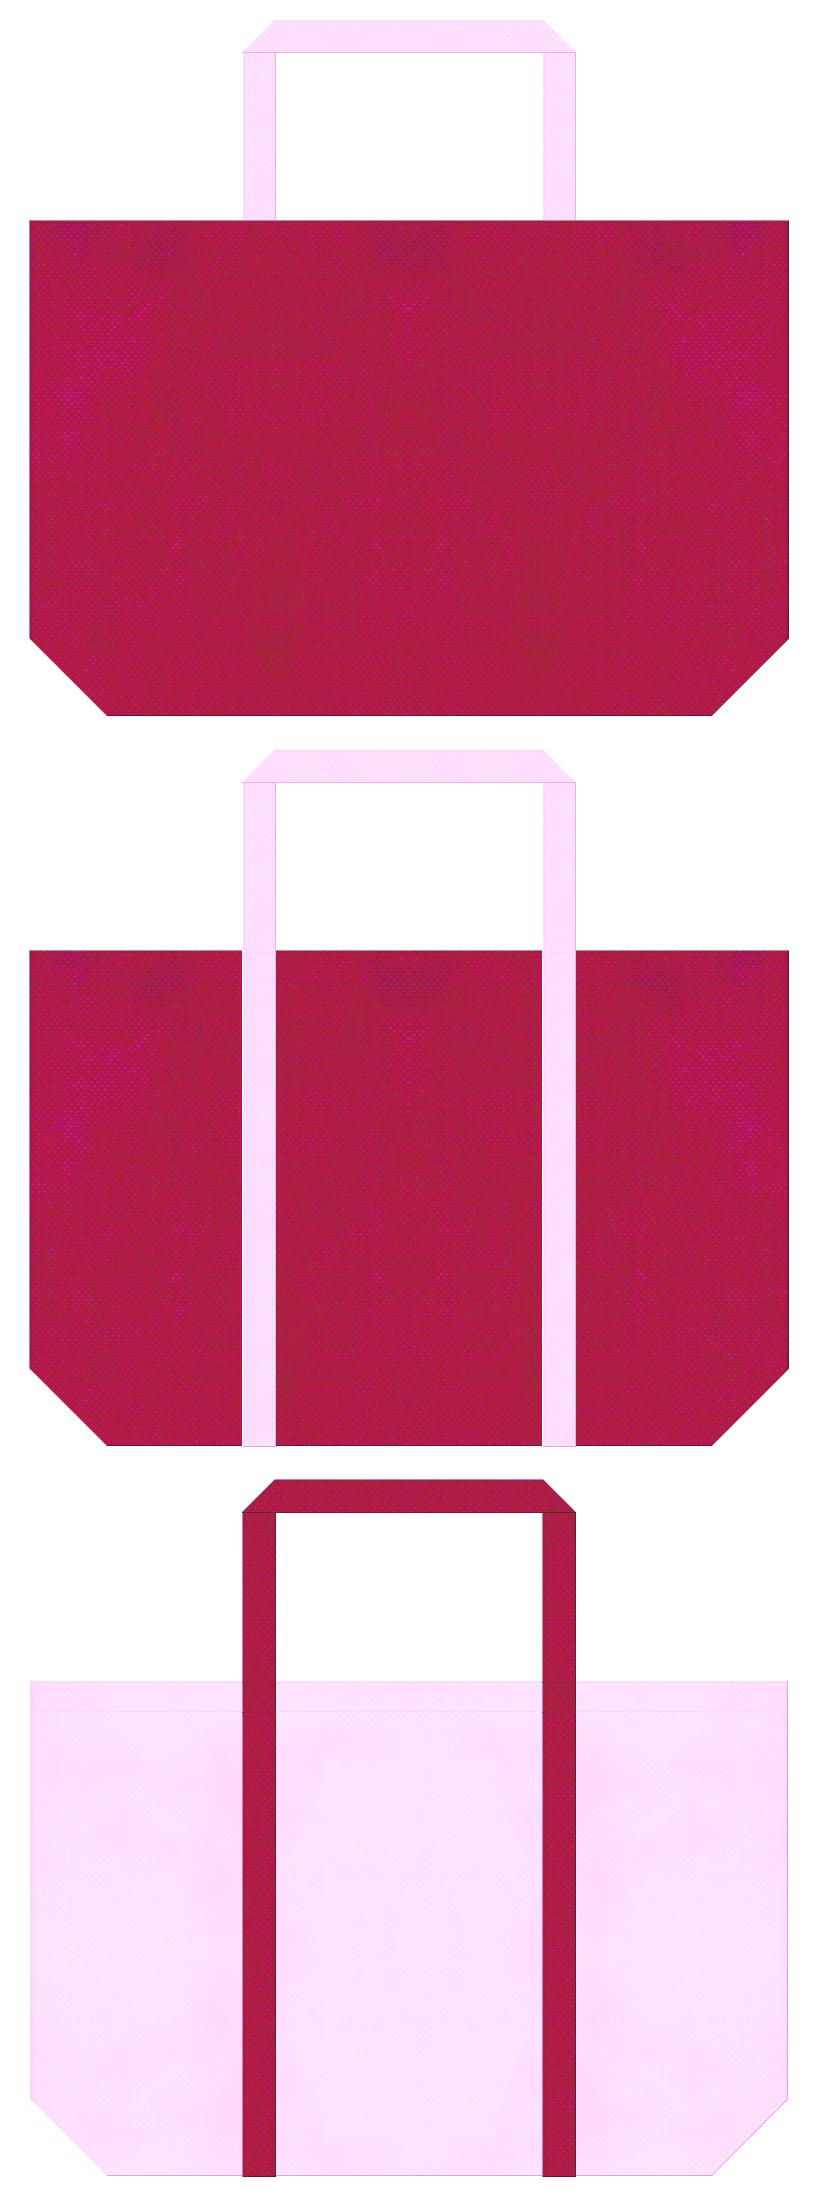 花束・マーメイド・プリティー・ピエロ・女王様・イチゴミルク・プリンセス・ハート・キャンディー・ドリーミー・ファンシー・ひな祭り・母の日・お正月・プレミアムセール・福袋・ガーリーデザインのショッピングバッグにお奨めの不織布バッグデザイン:濃いピンク色と明るいピンク色のコーデ